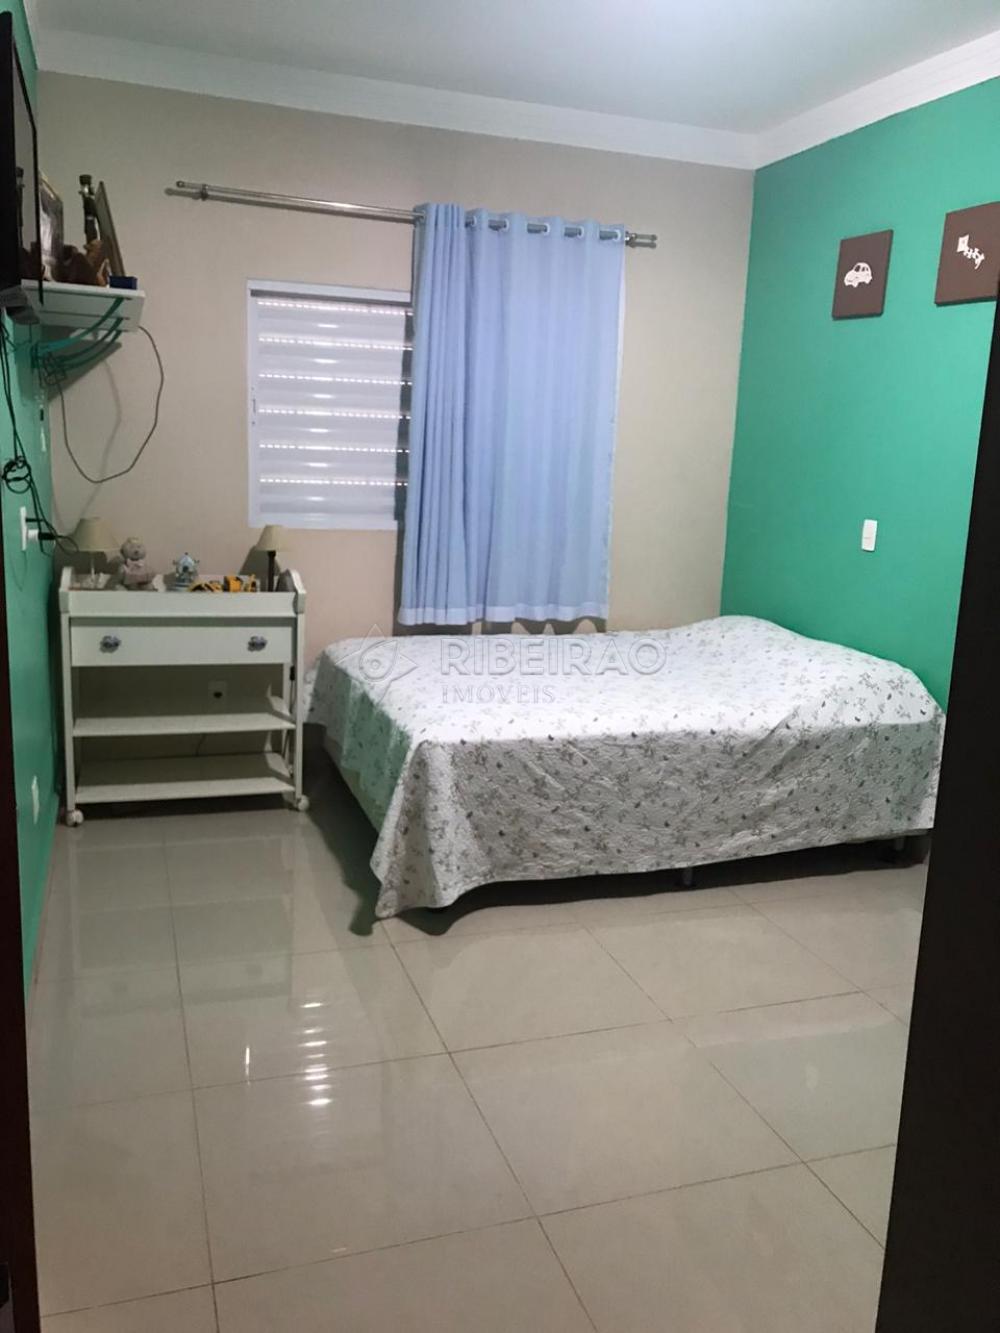 Alugar Casa / Condomínio em Cravinhos apenas R$ 3.500,00 - Foto 6